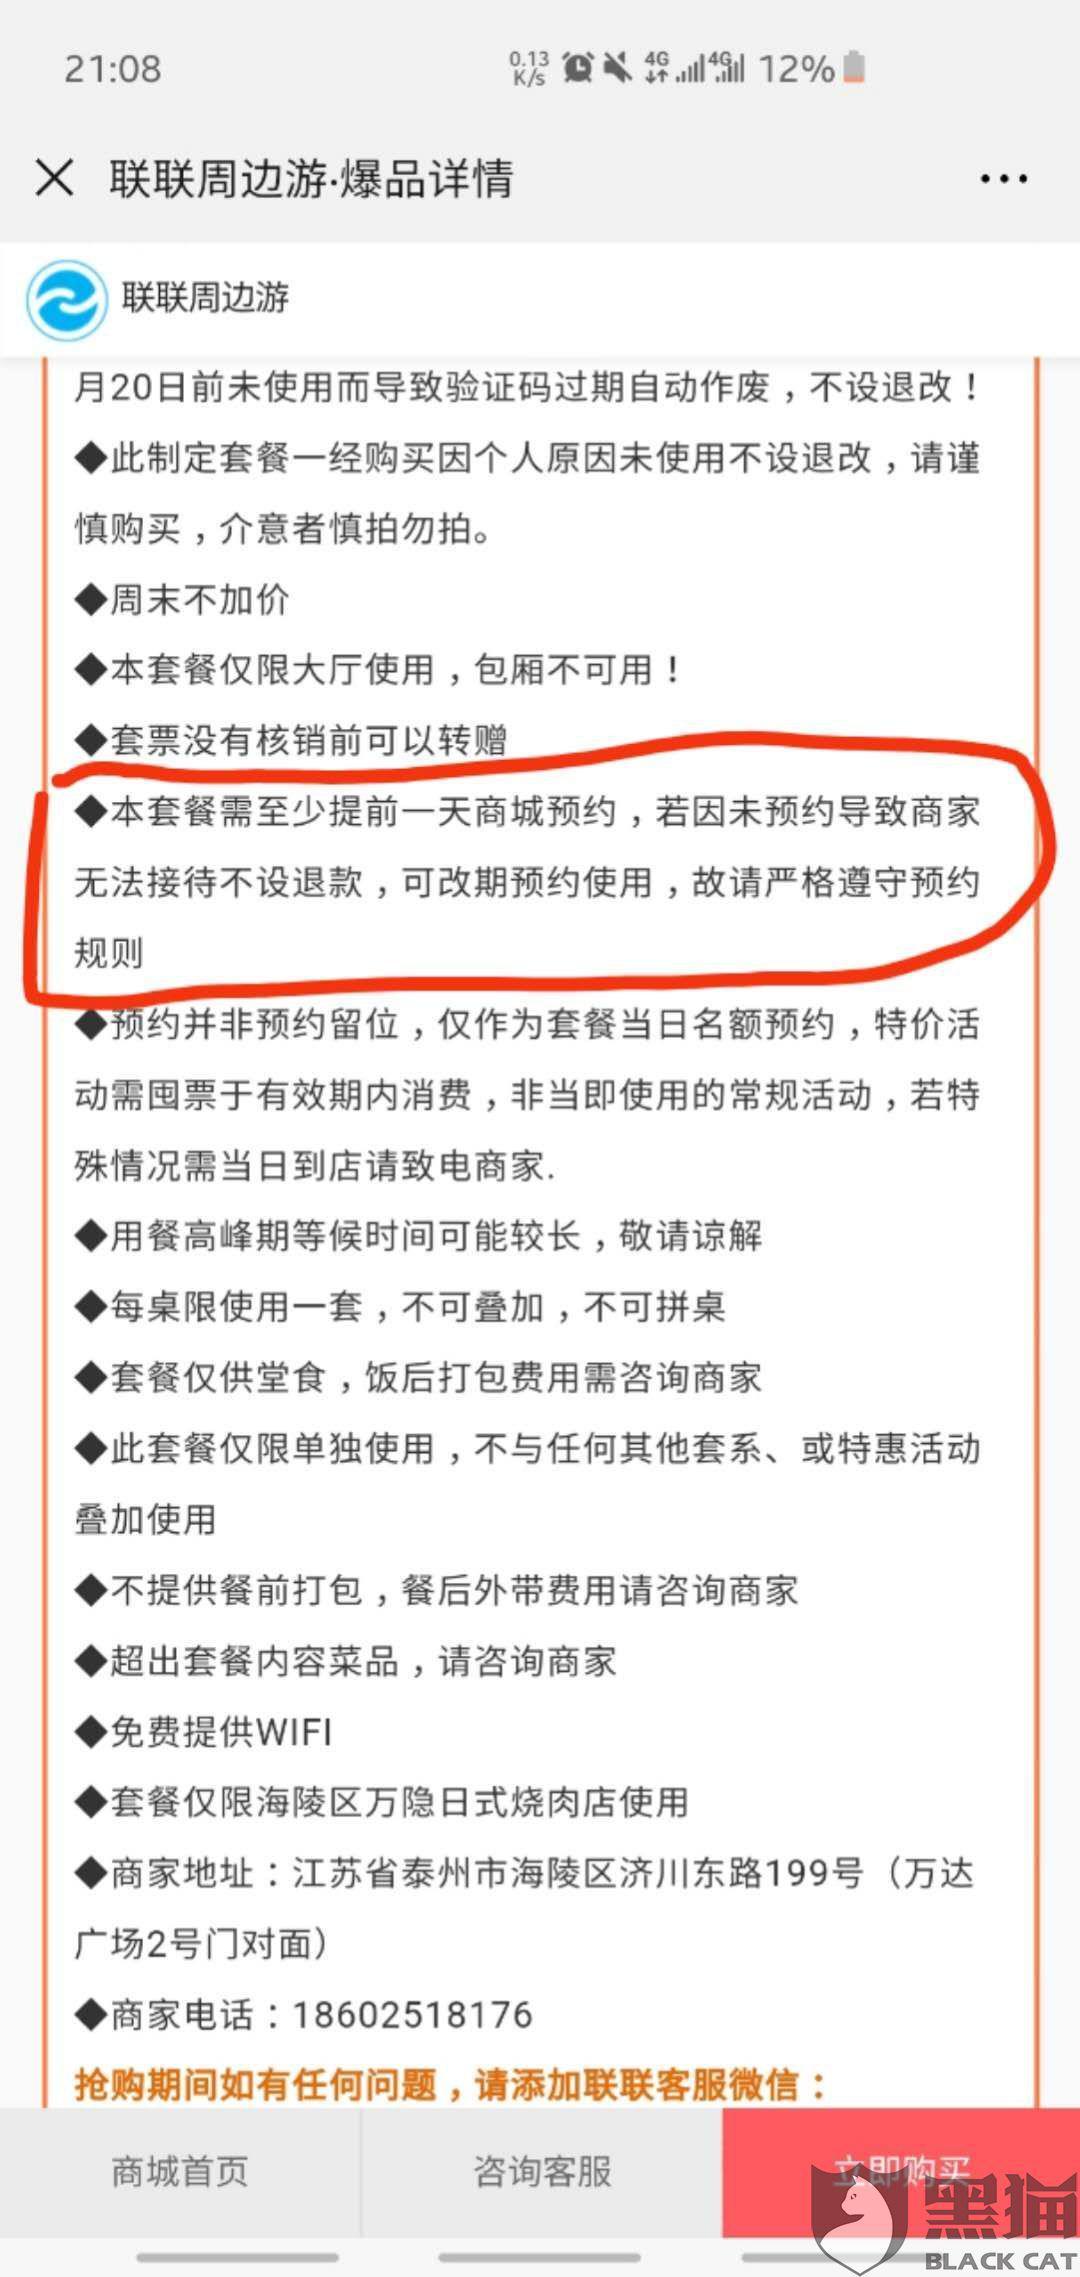 黑猫投诉:联联周边游泰州站虚假宣传,烤肉店套餐规定提前一天预约即可使用,买了之后发现不能使